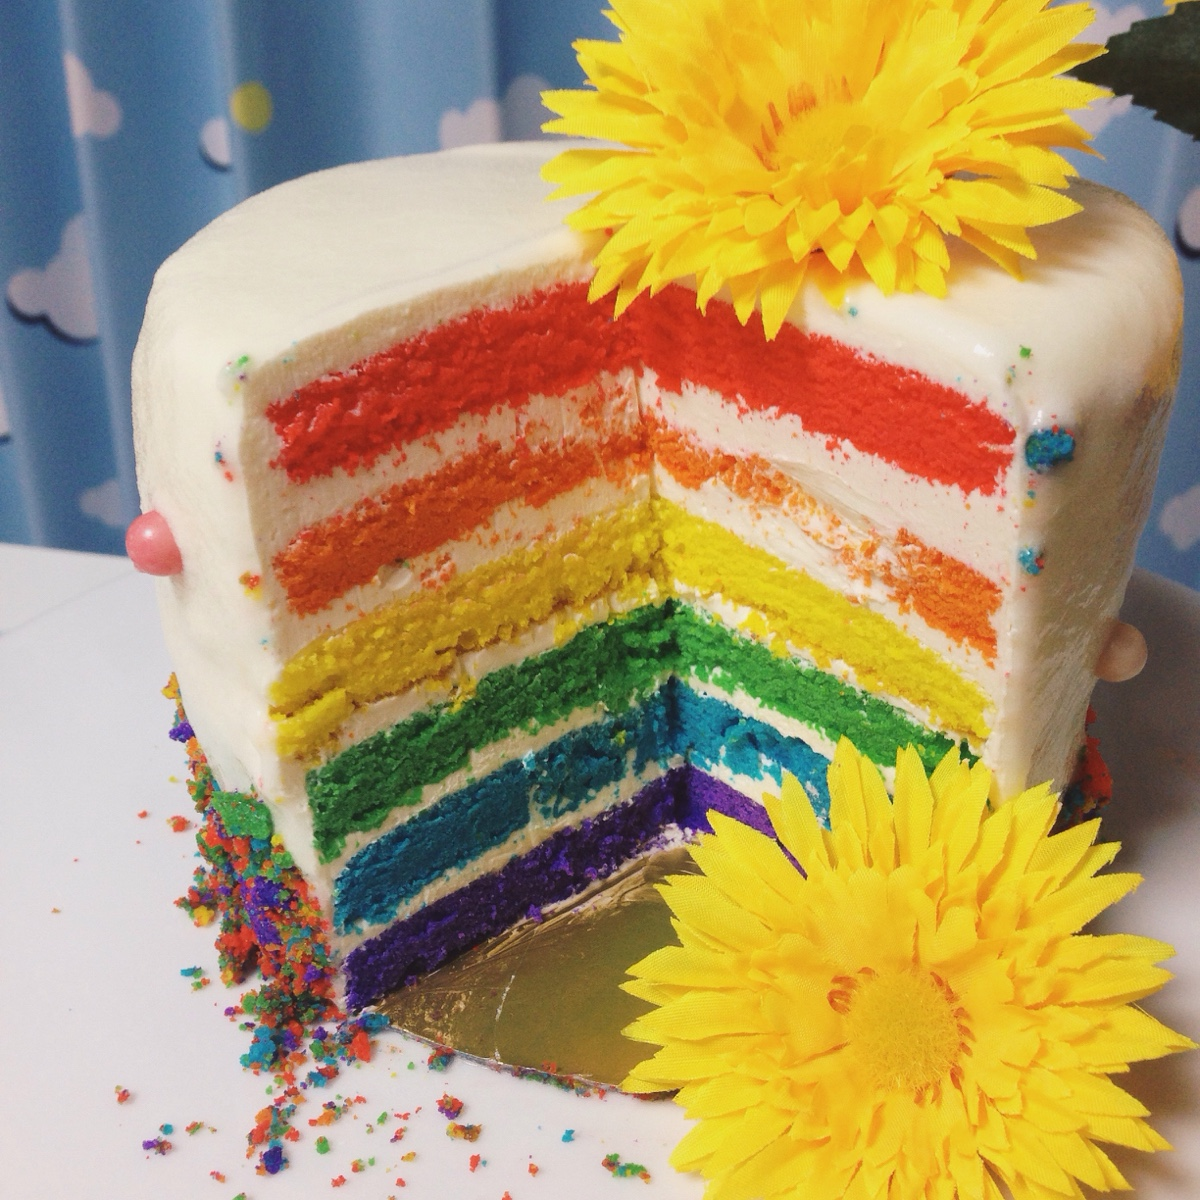 rainbowcake02.jpg